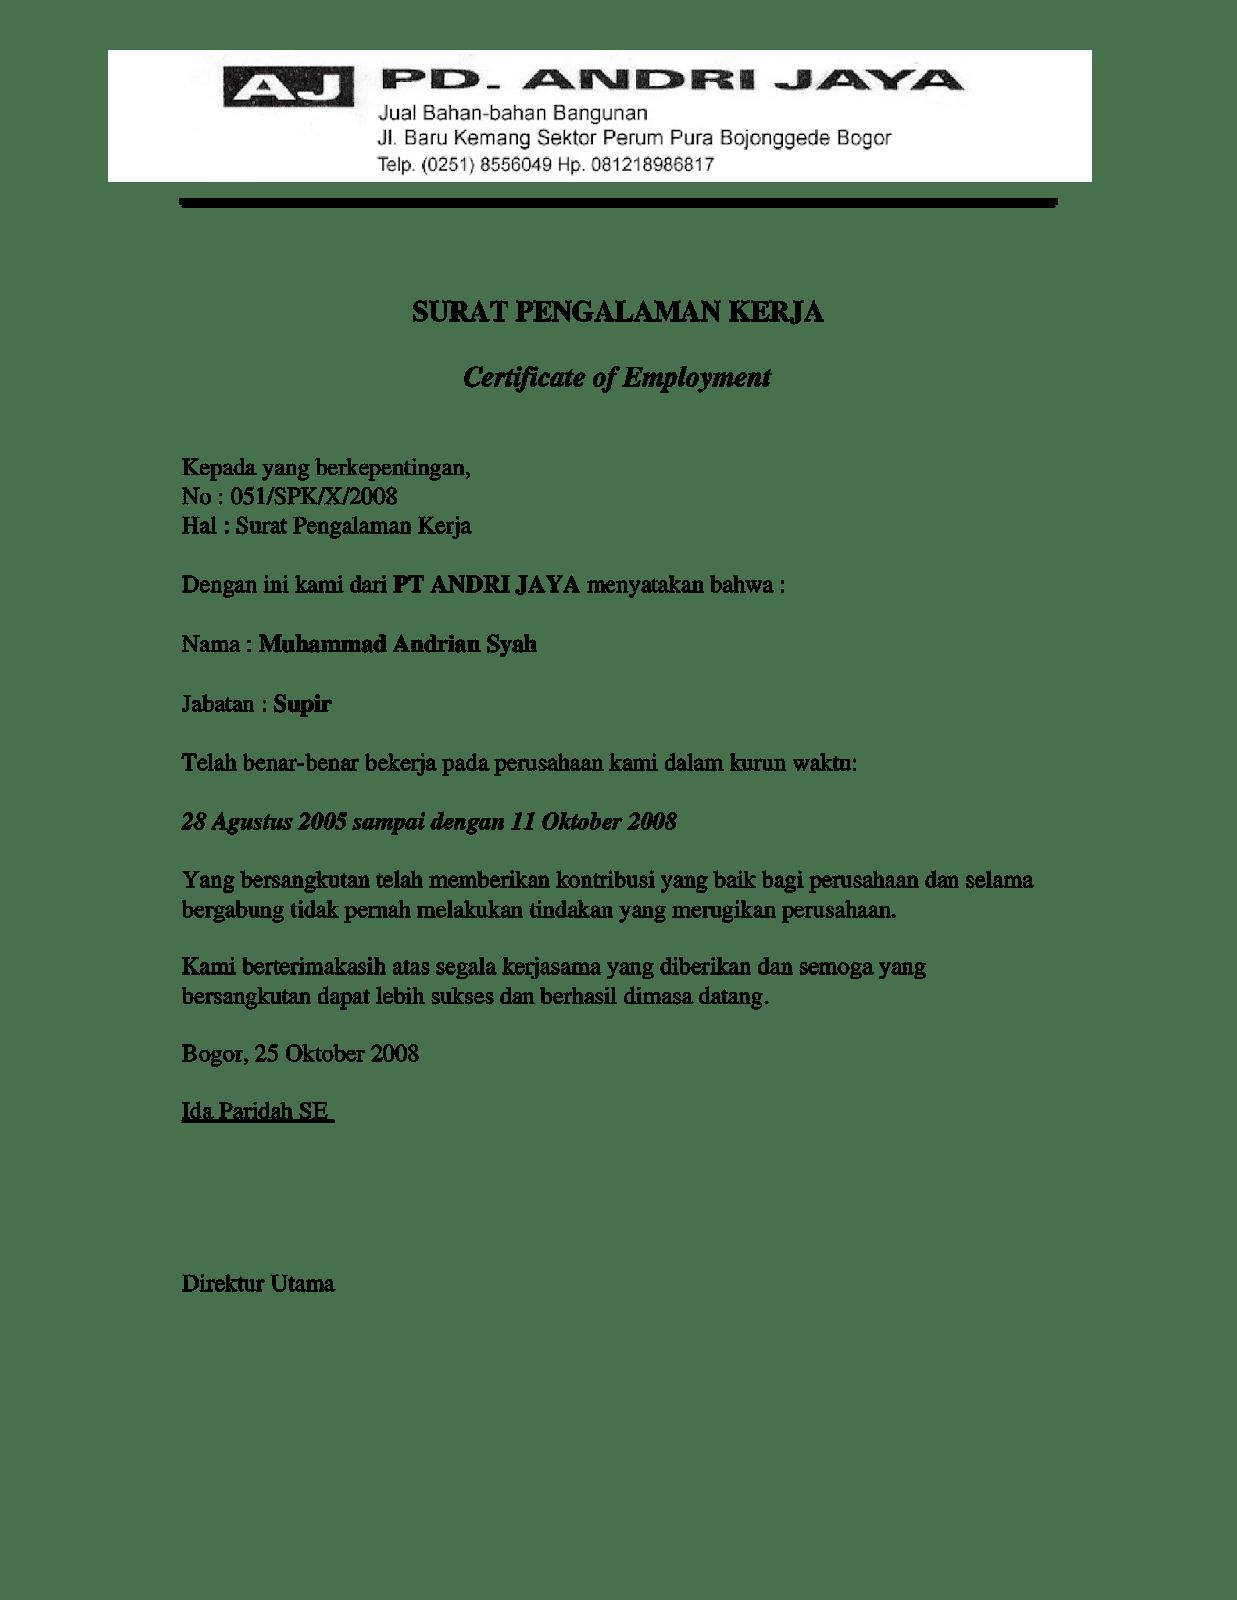 15 Contoh Surat Referensi Kerja Yang Benar Doc Contoh